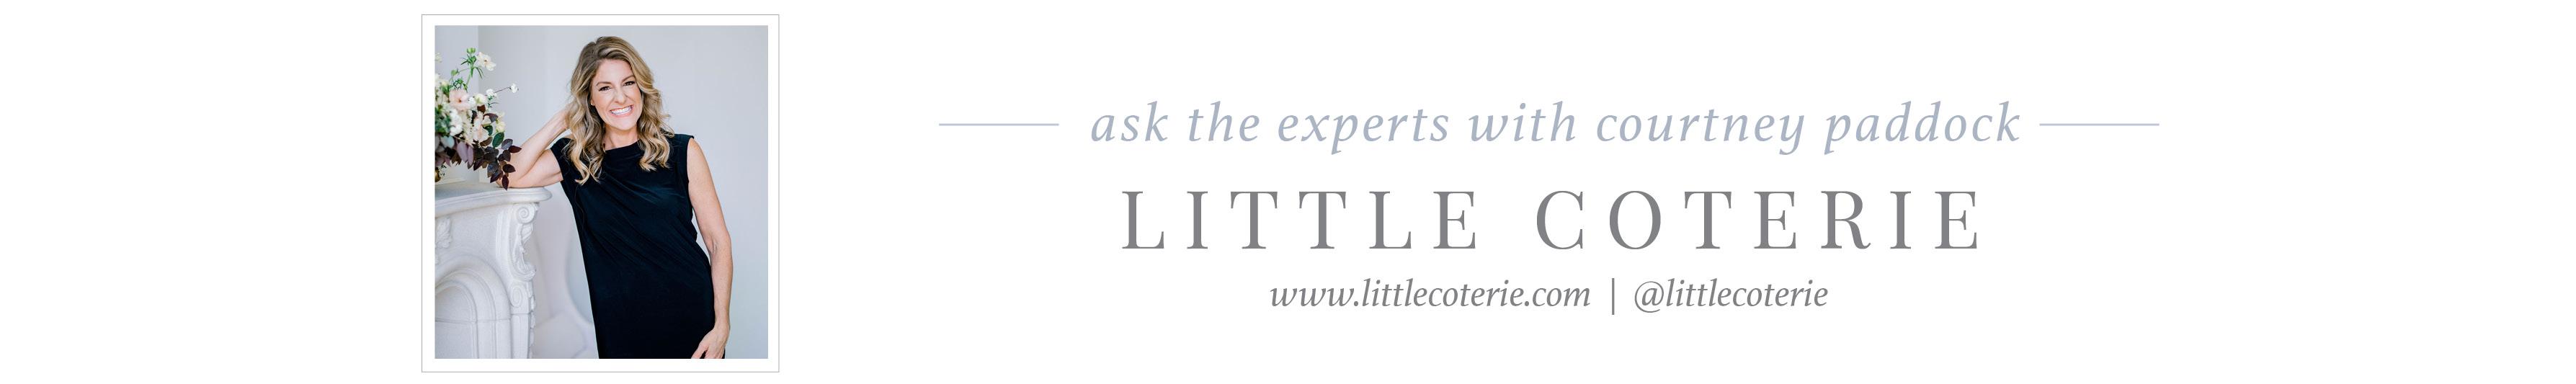 little coterie